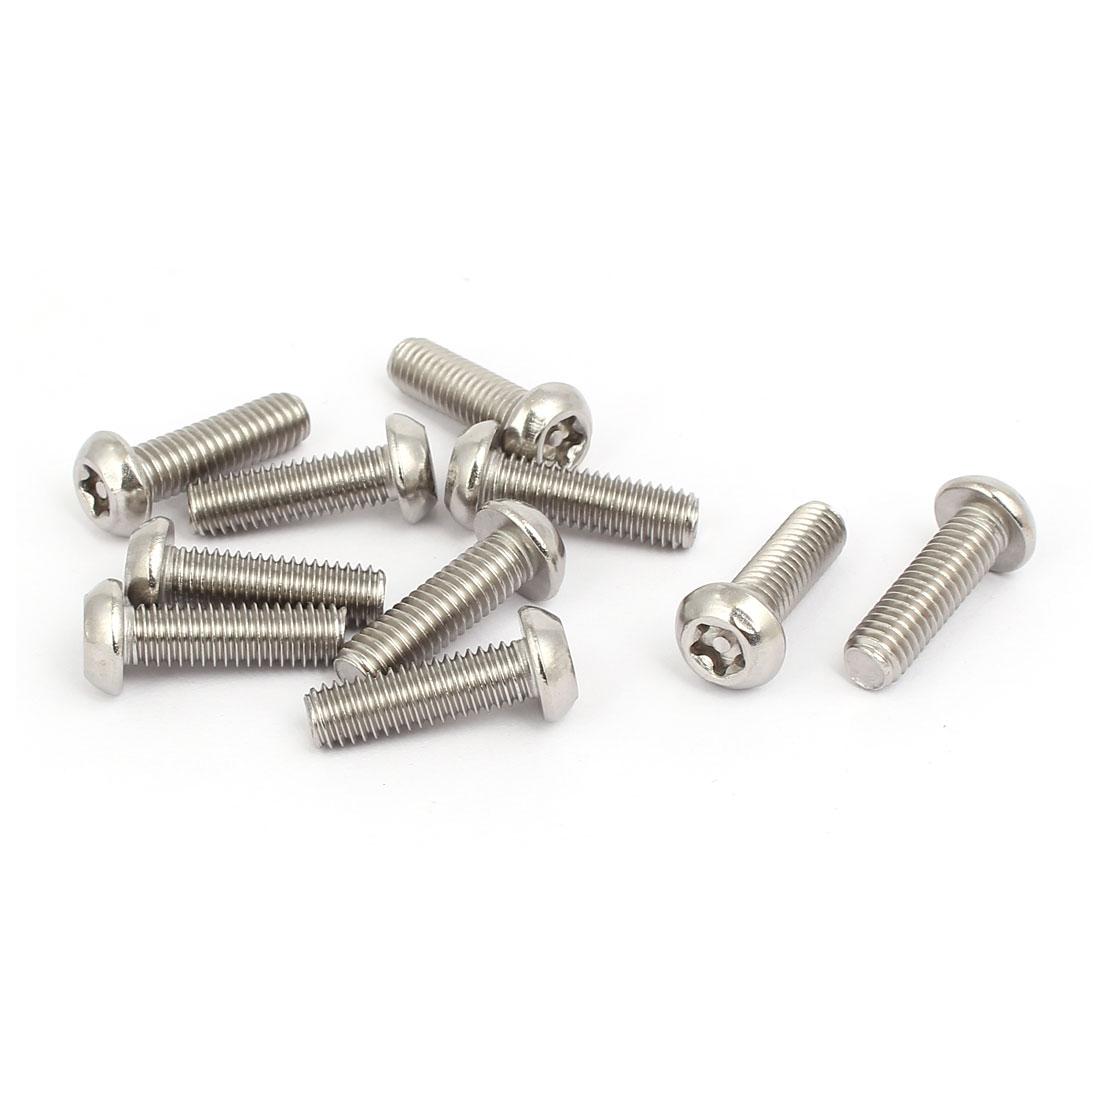 M6x20mm Stainless Steel Button Head Torx Five-Lobe Tamper Screw T30 Drive 10pcs